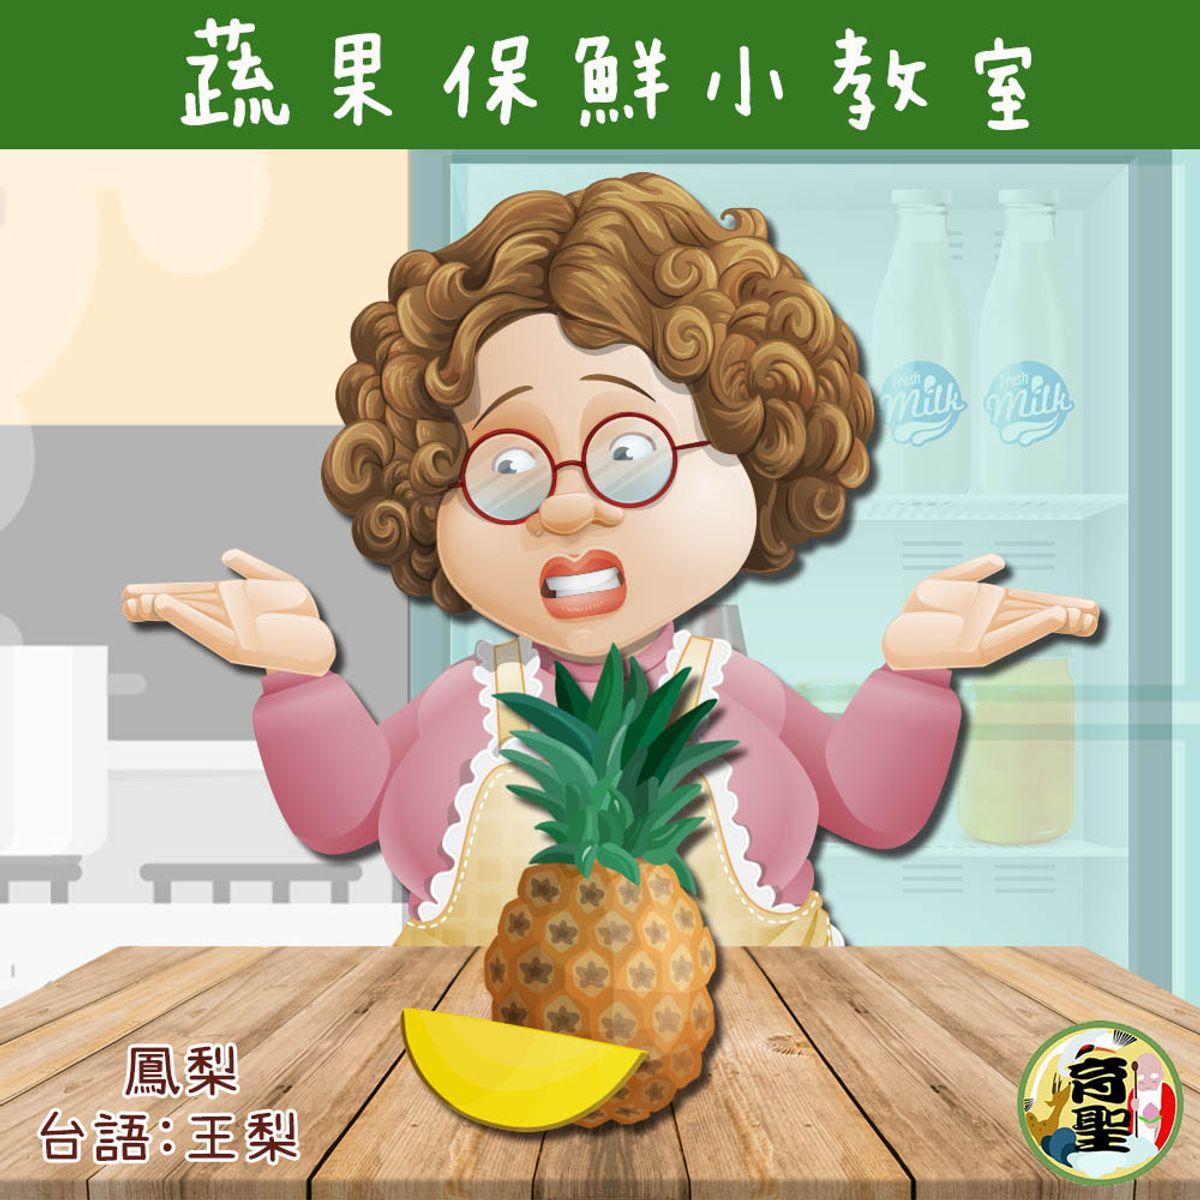 [蔬果保鮮] 學會這幾招大大增加鳳梨的保存期限